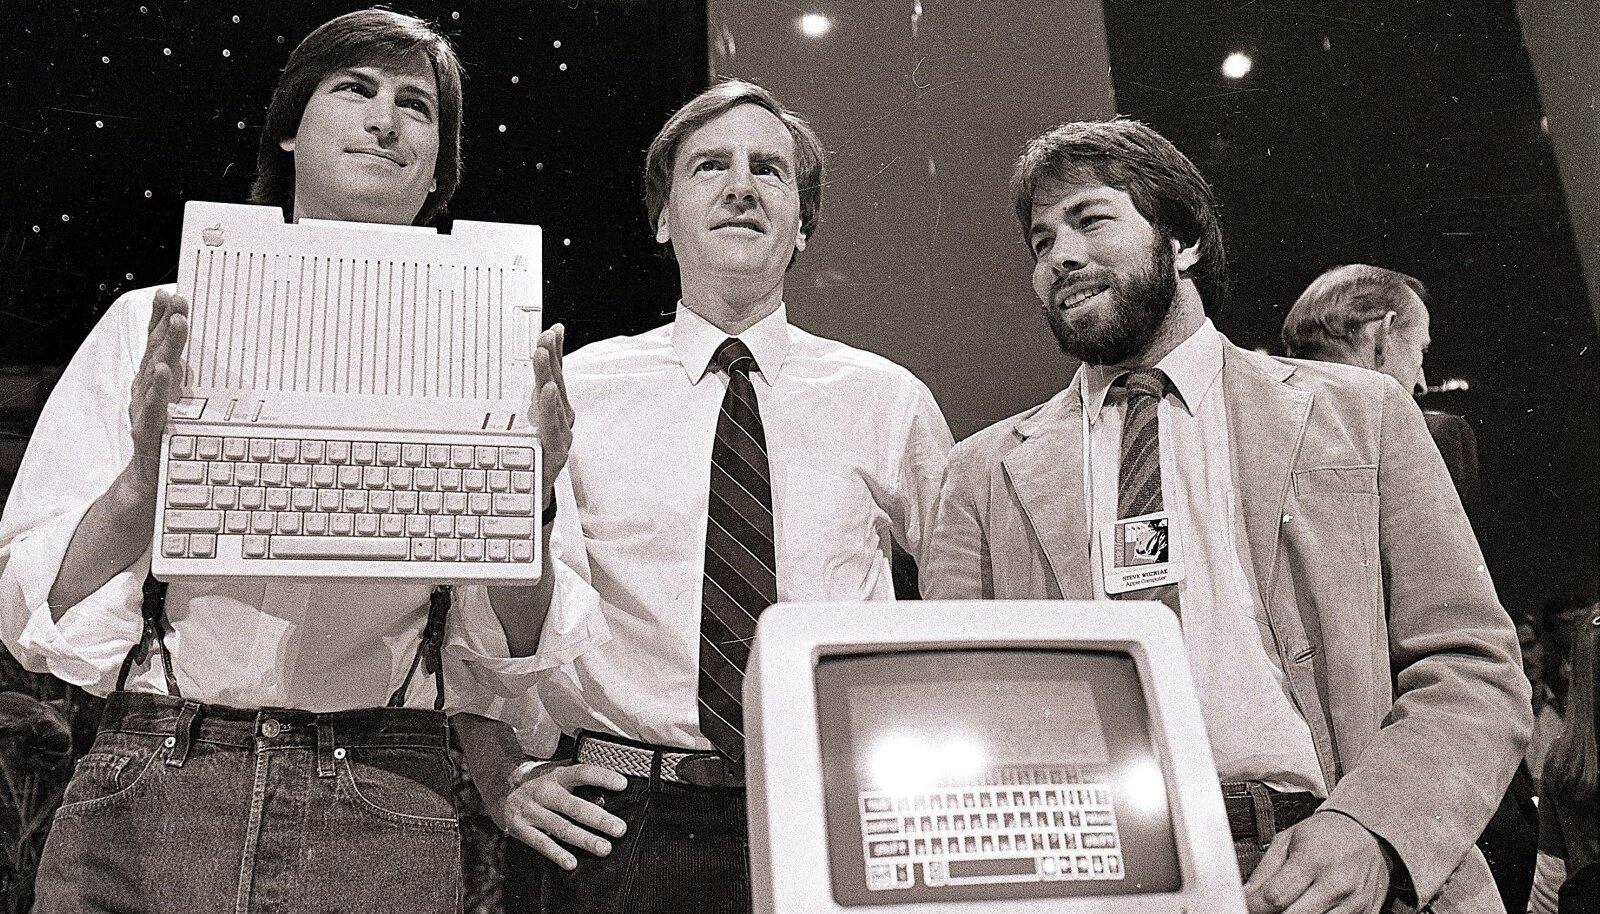 Apple'i kaasasutaja Steve Jobs, Apple'i tegevjuht John Sculley ja kaasasutaja Steve Wozniak tutvustasid 1984. aastal maailmale Apple Macintoshi.